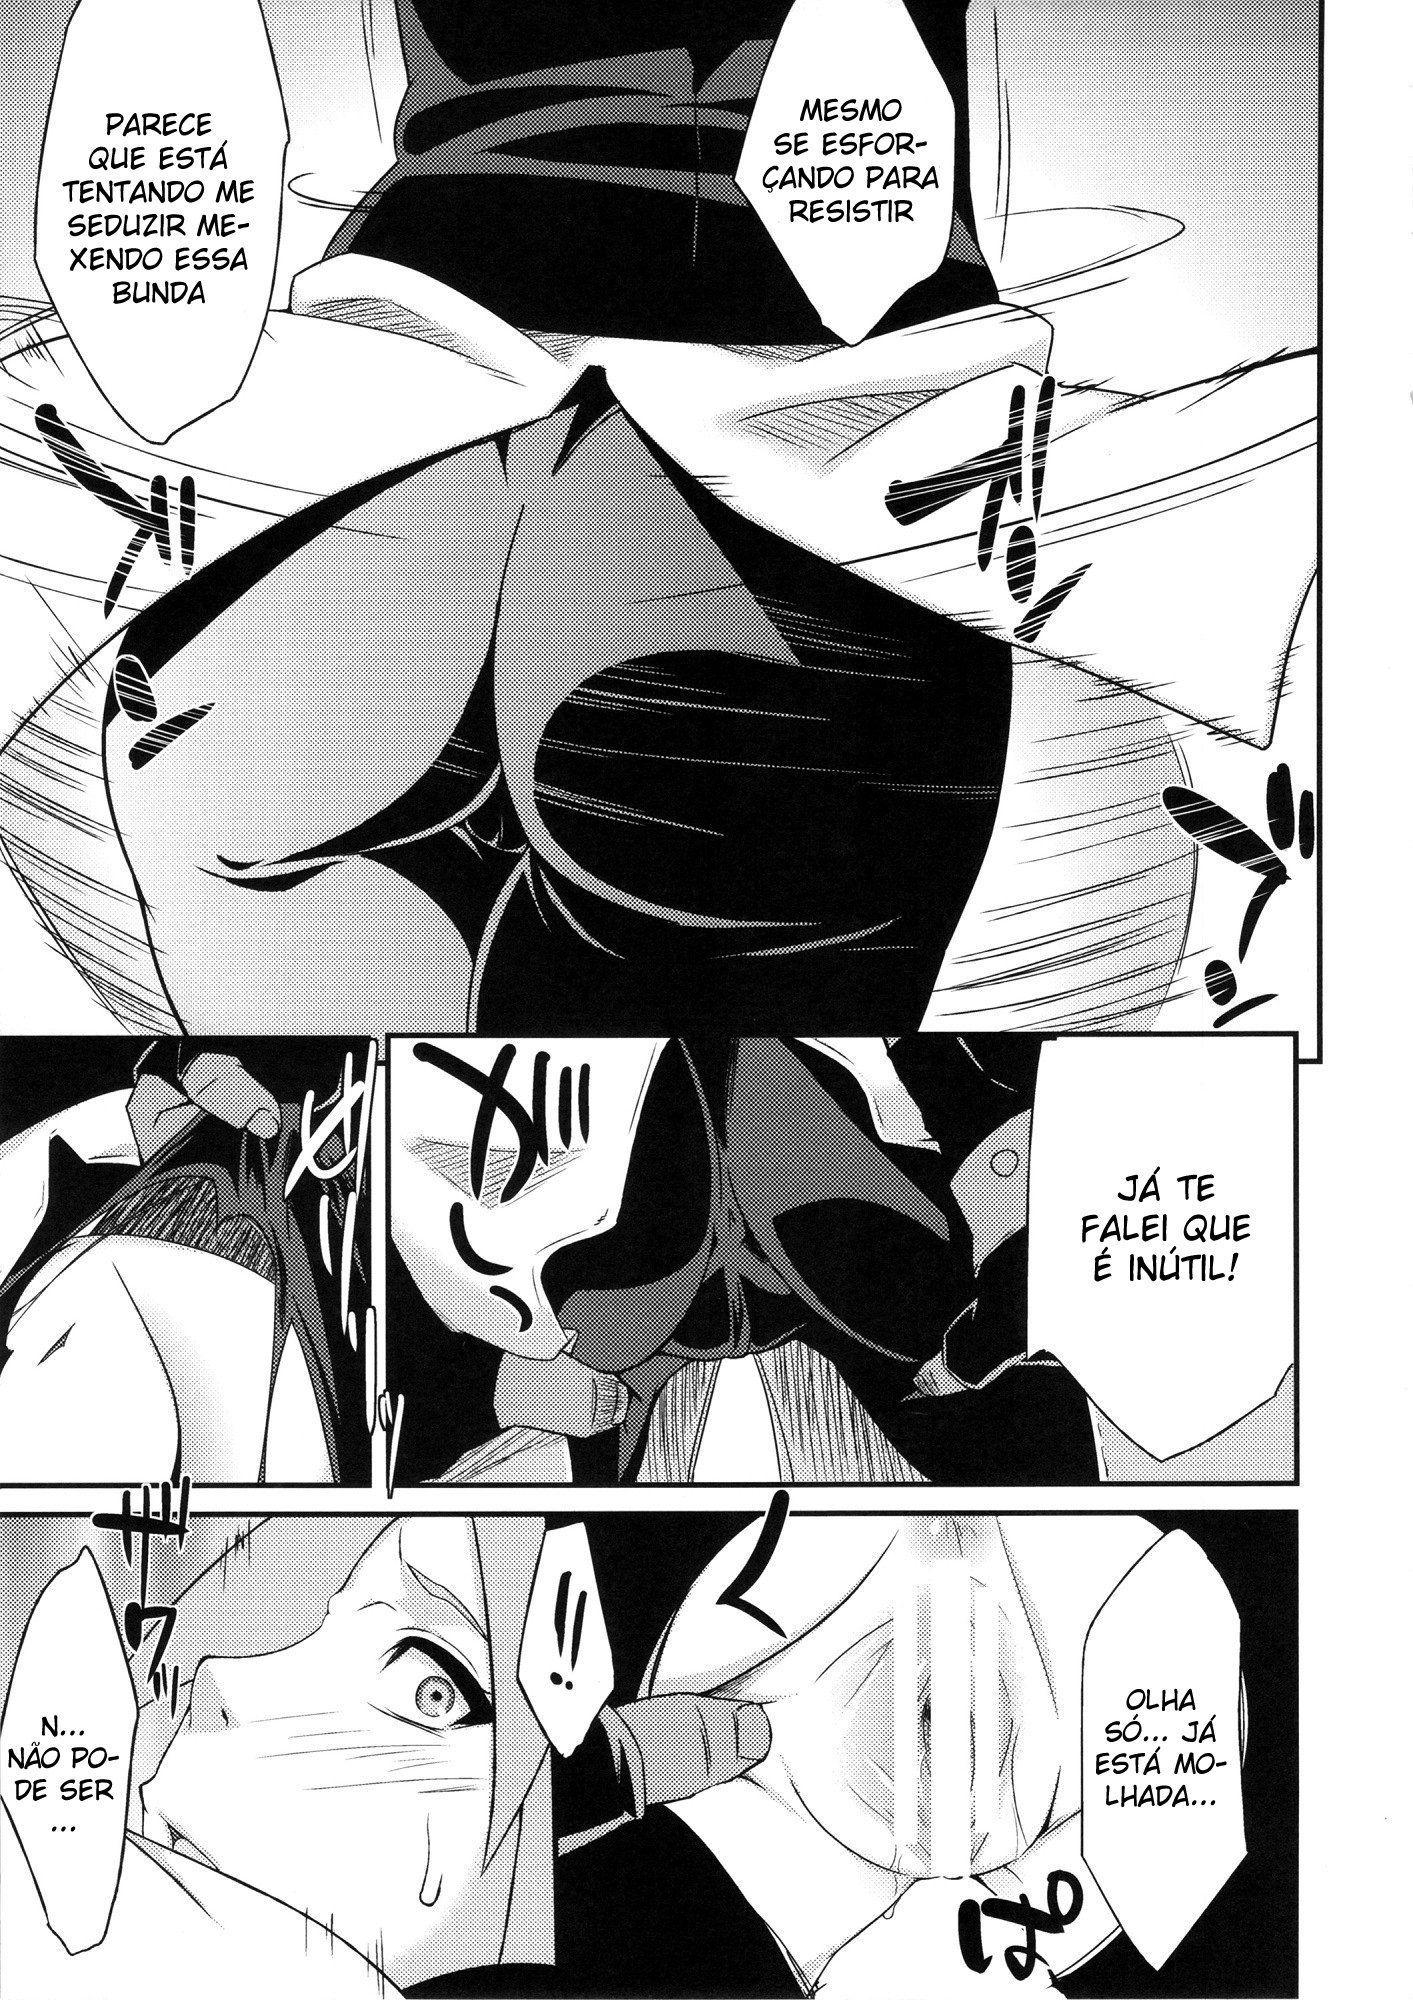 Hentaihome-Sakura-à-resistente-Naruto-Hentai-10